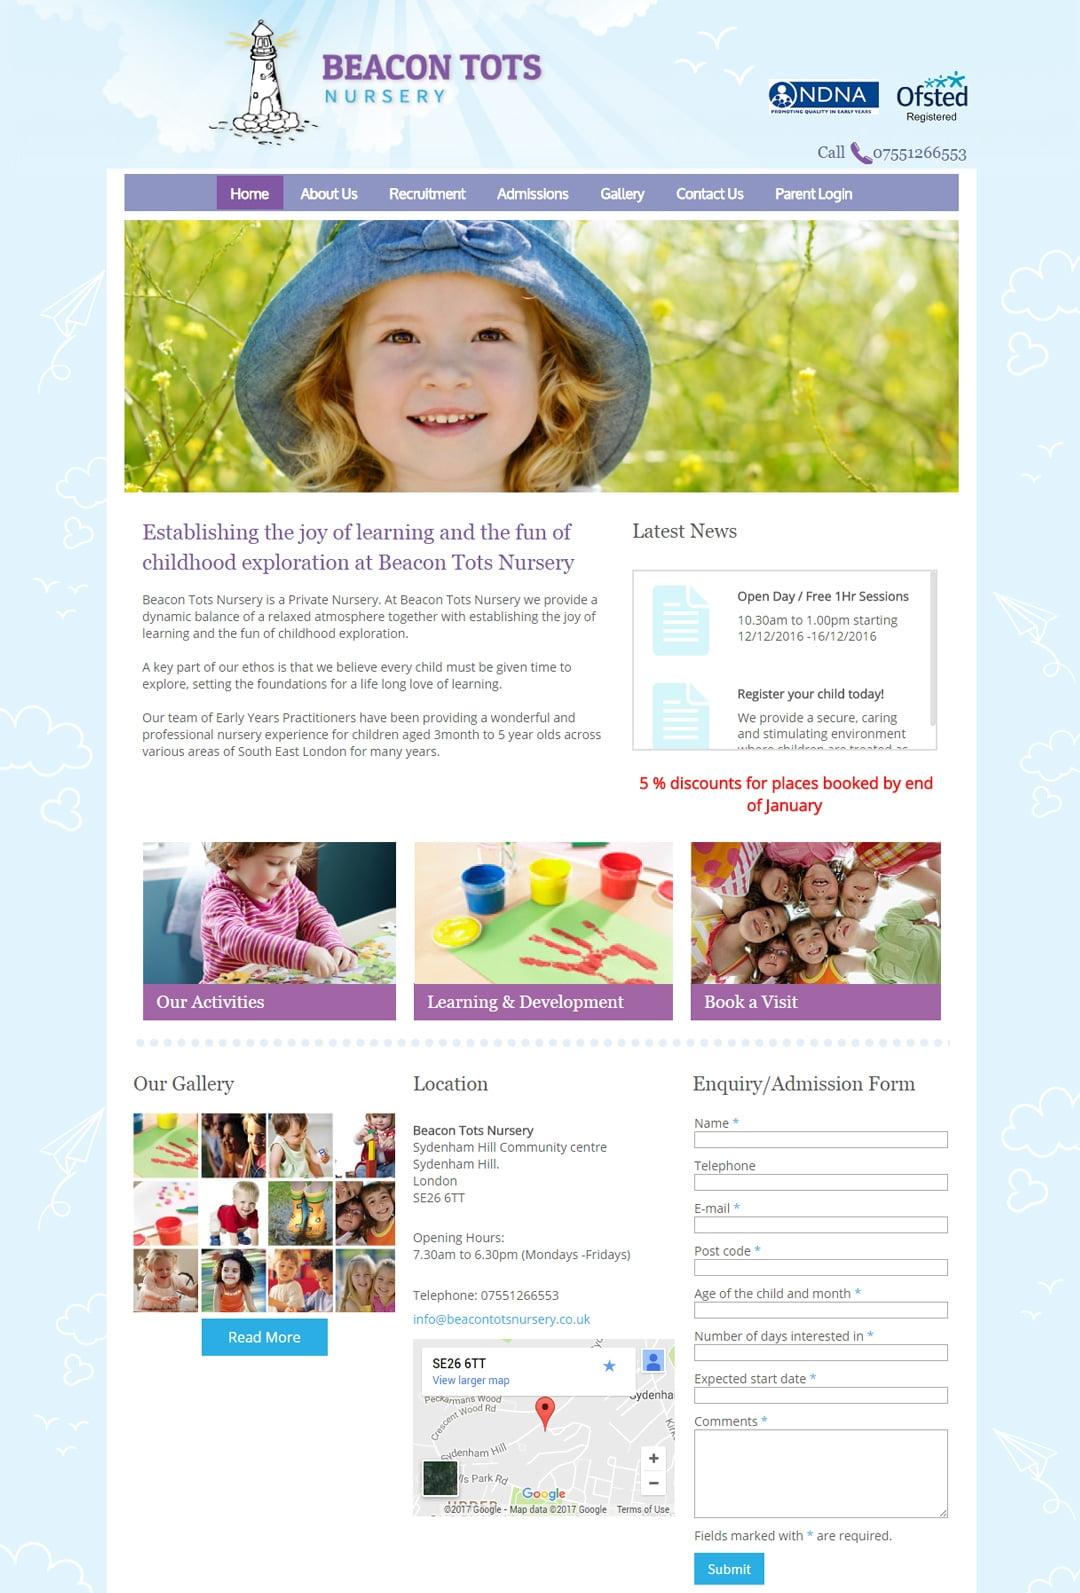 Beacon Tots Nursery